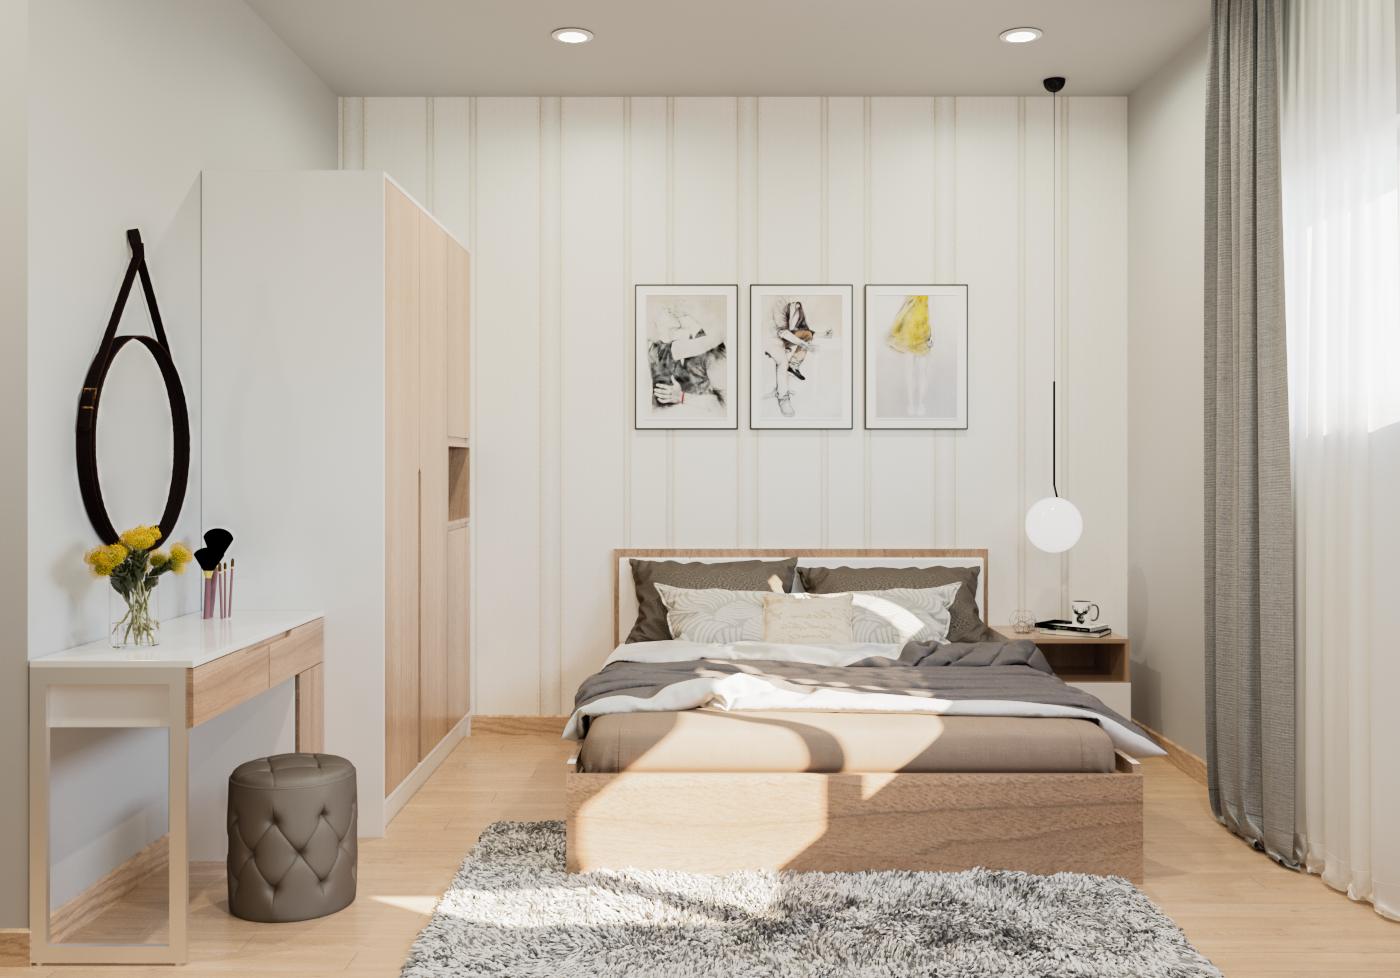 nội thất phòng ngủ căn hộ the habitat 3 phòng ngủ